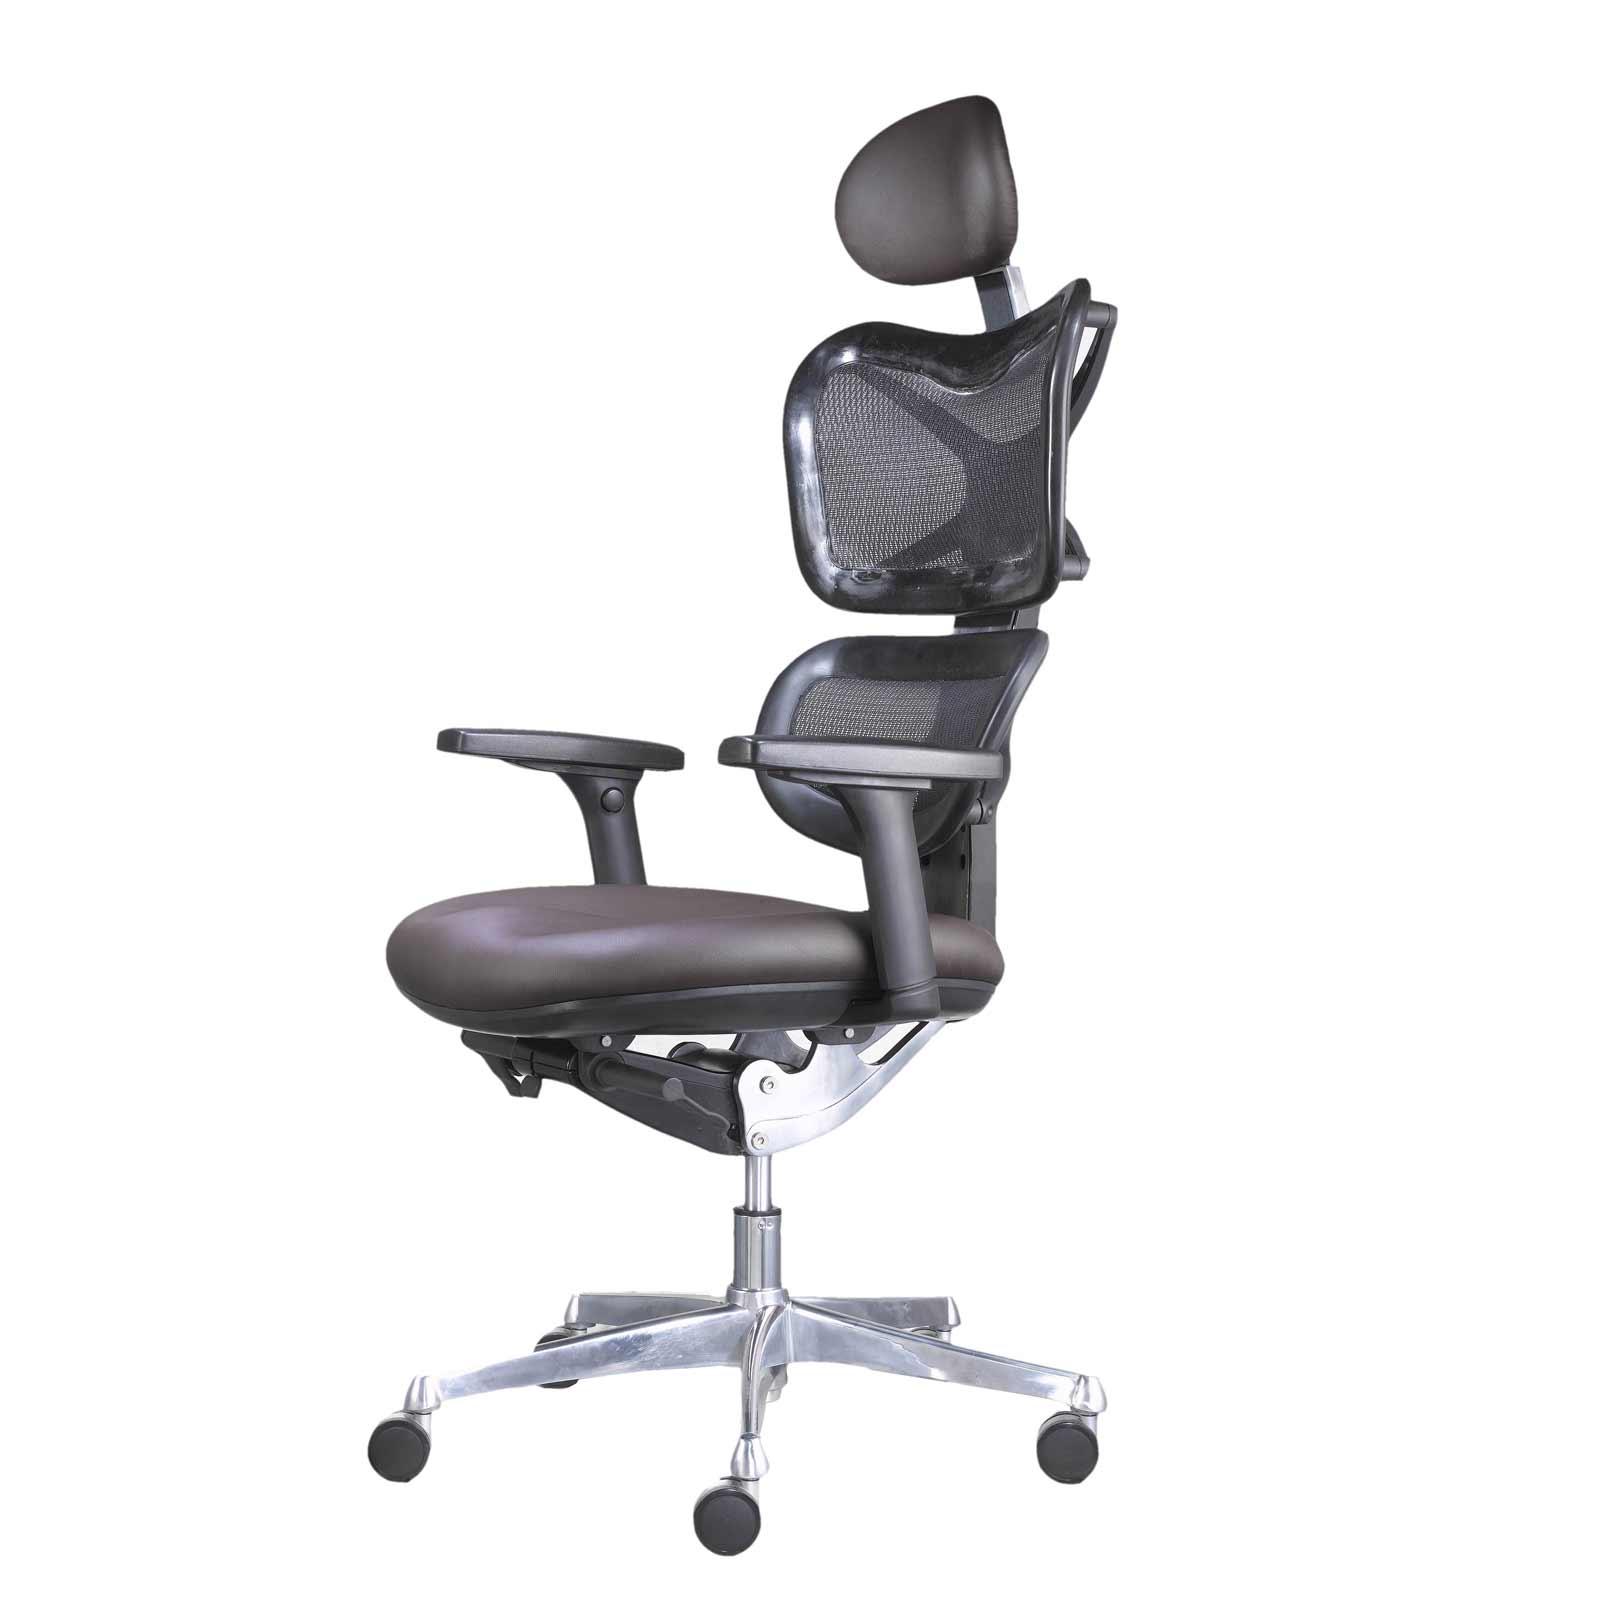 ghế văn phòng hiện đại 15